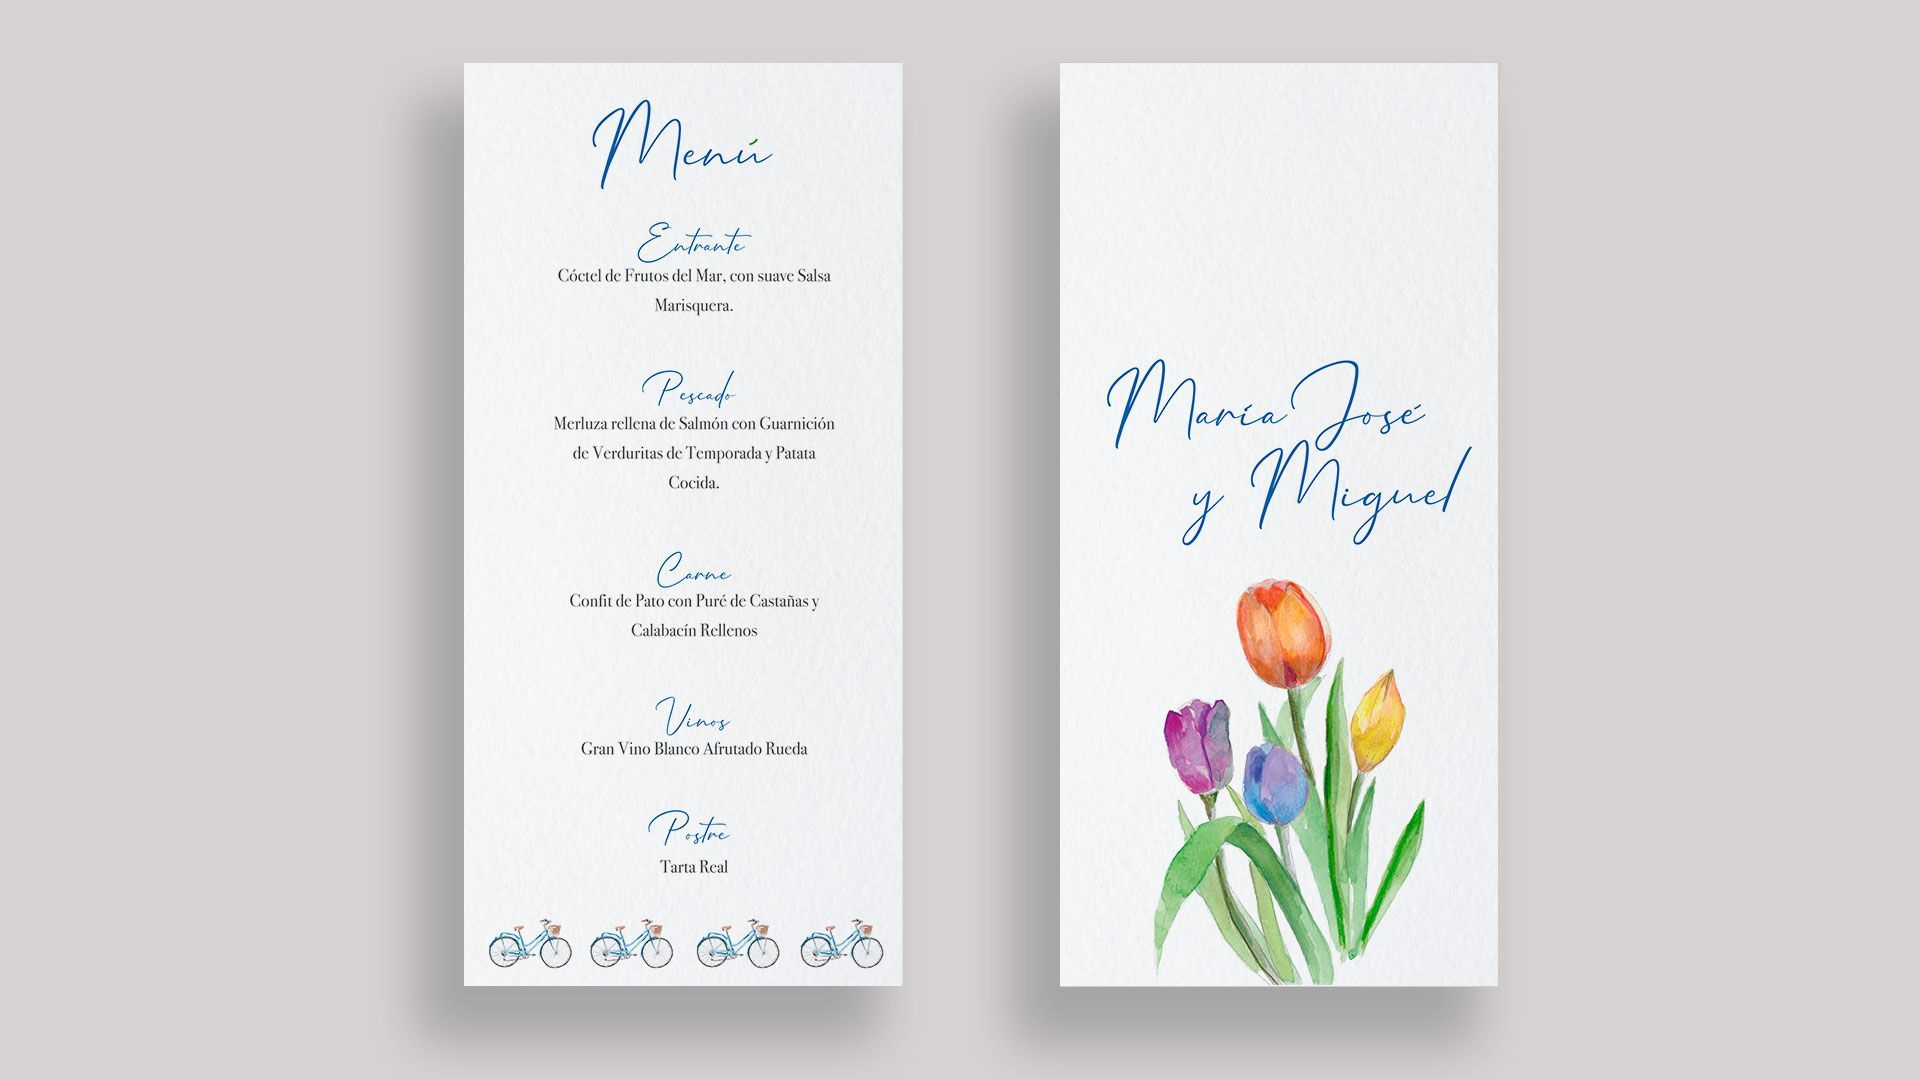 menu minuta boda bicis tulipanes